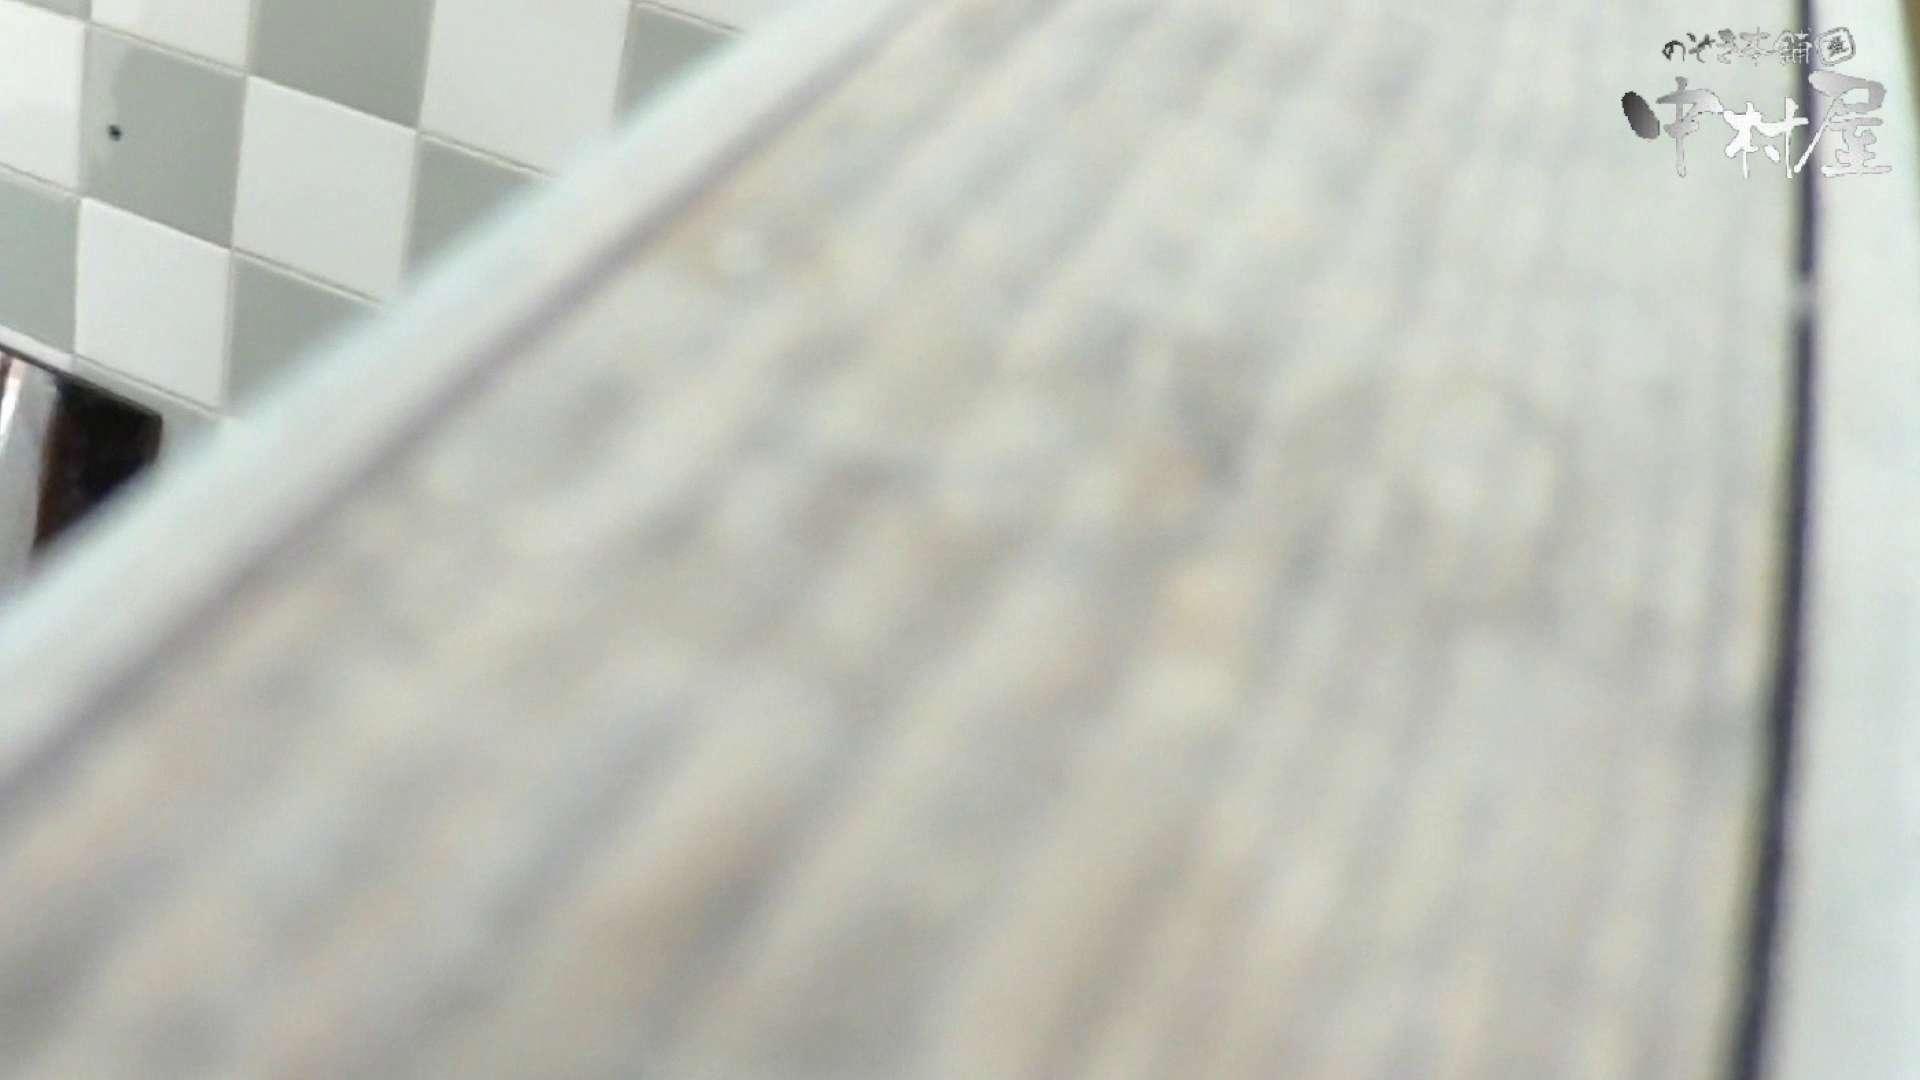 お待たせしました始動します‼雅さんの独断と偏見で集めた動画集 Vol.8 OLセックス  85画像 18